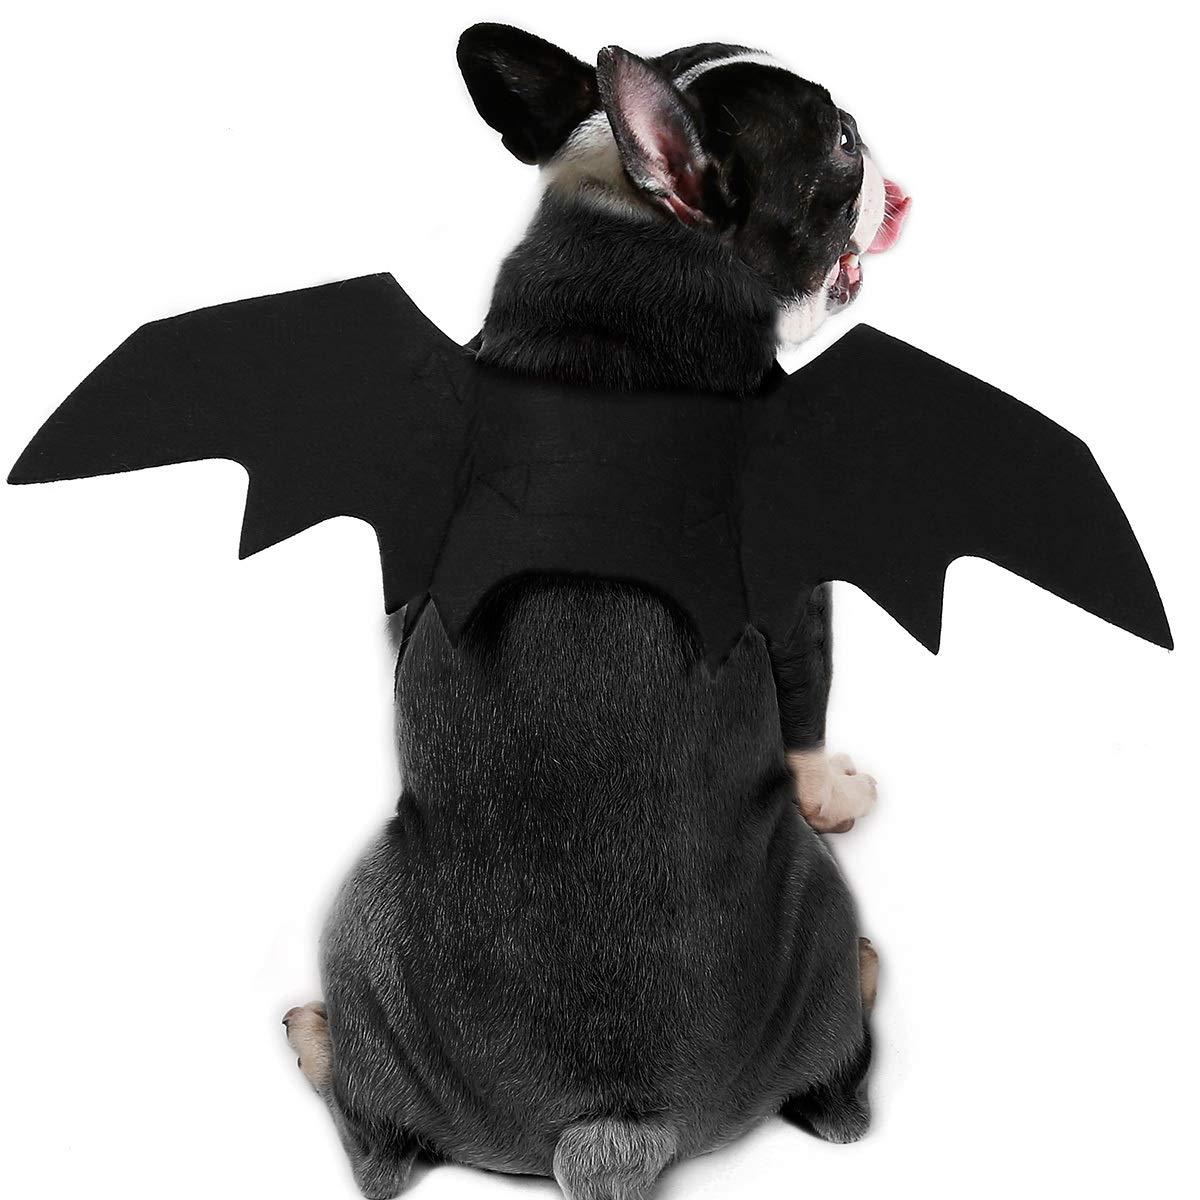 Kuoser Halloween-Haustierkost/üme Zubeh/ör Fledermausfl/ügel f/ür Hunde und Katzen Party Cosplay verstellbar Schwarz s/ü/ßes Kost/üm Requisiten